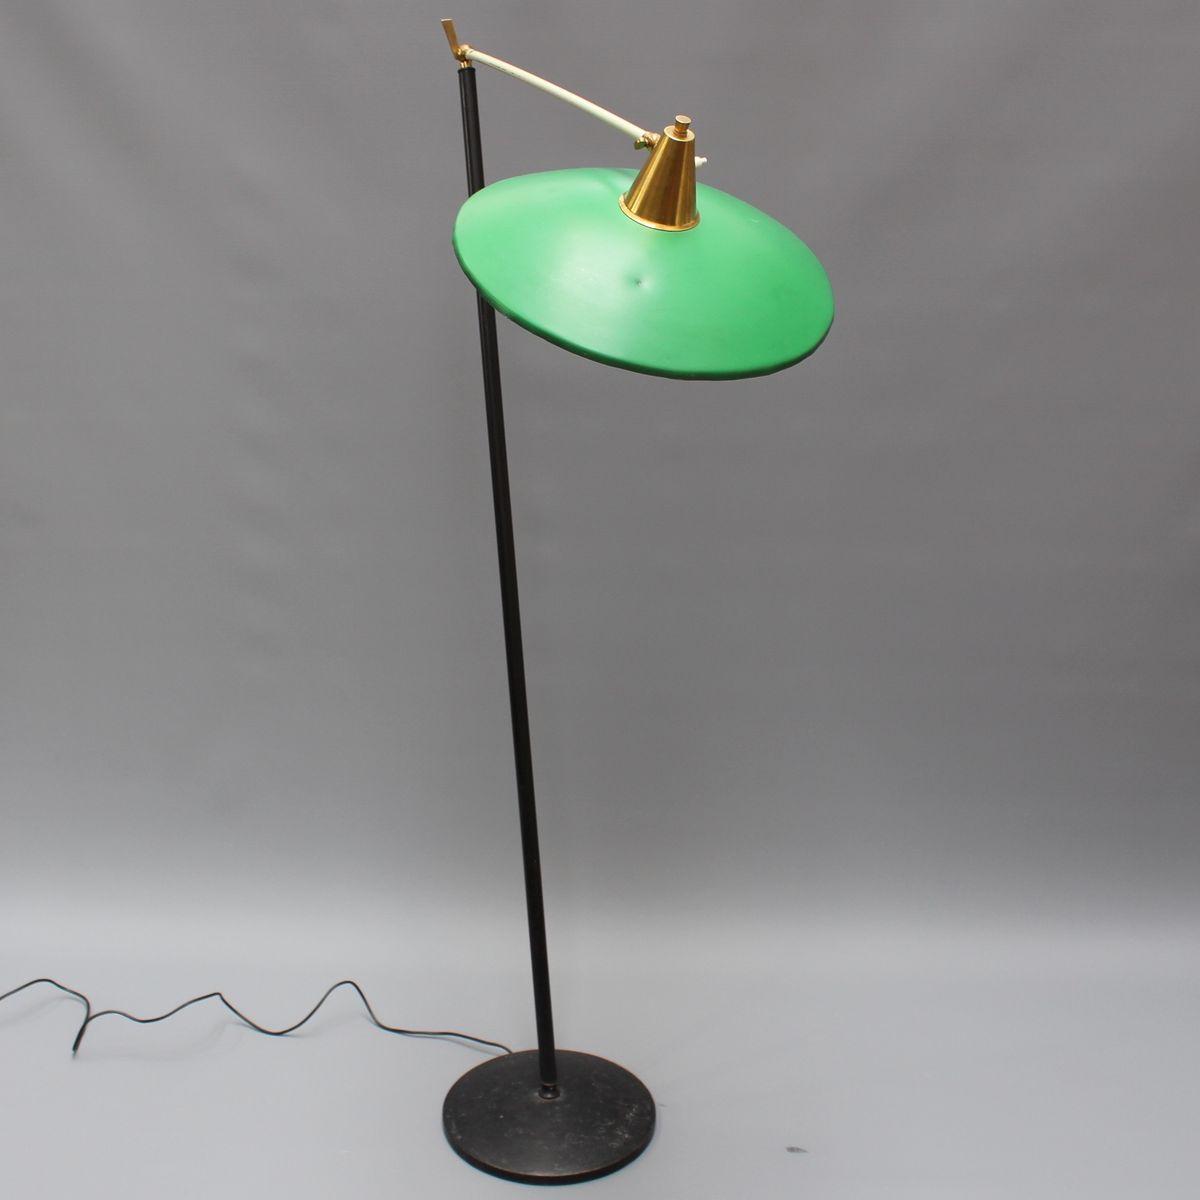 italienische standleuchte mit gelenkarmen und gr nem schirm von stilux milano 1950er bei pamono. Black Bedroom Furniture Sets. Home Design Ideas